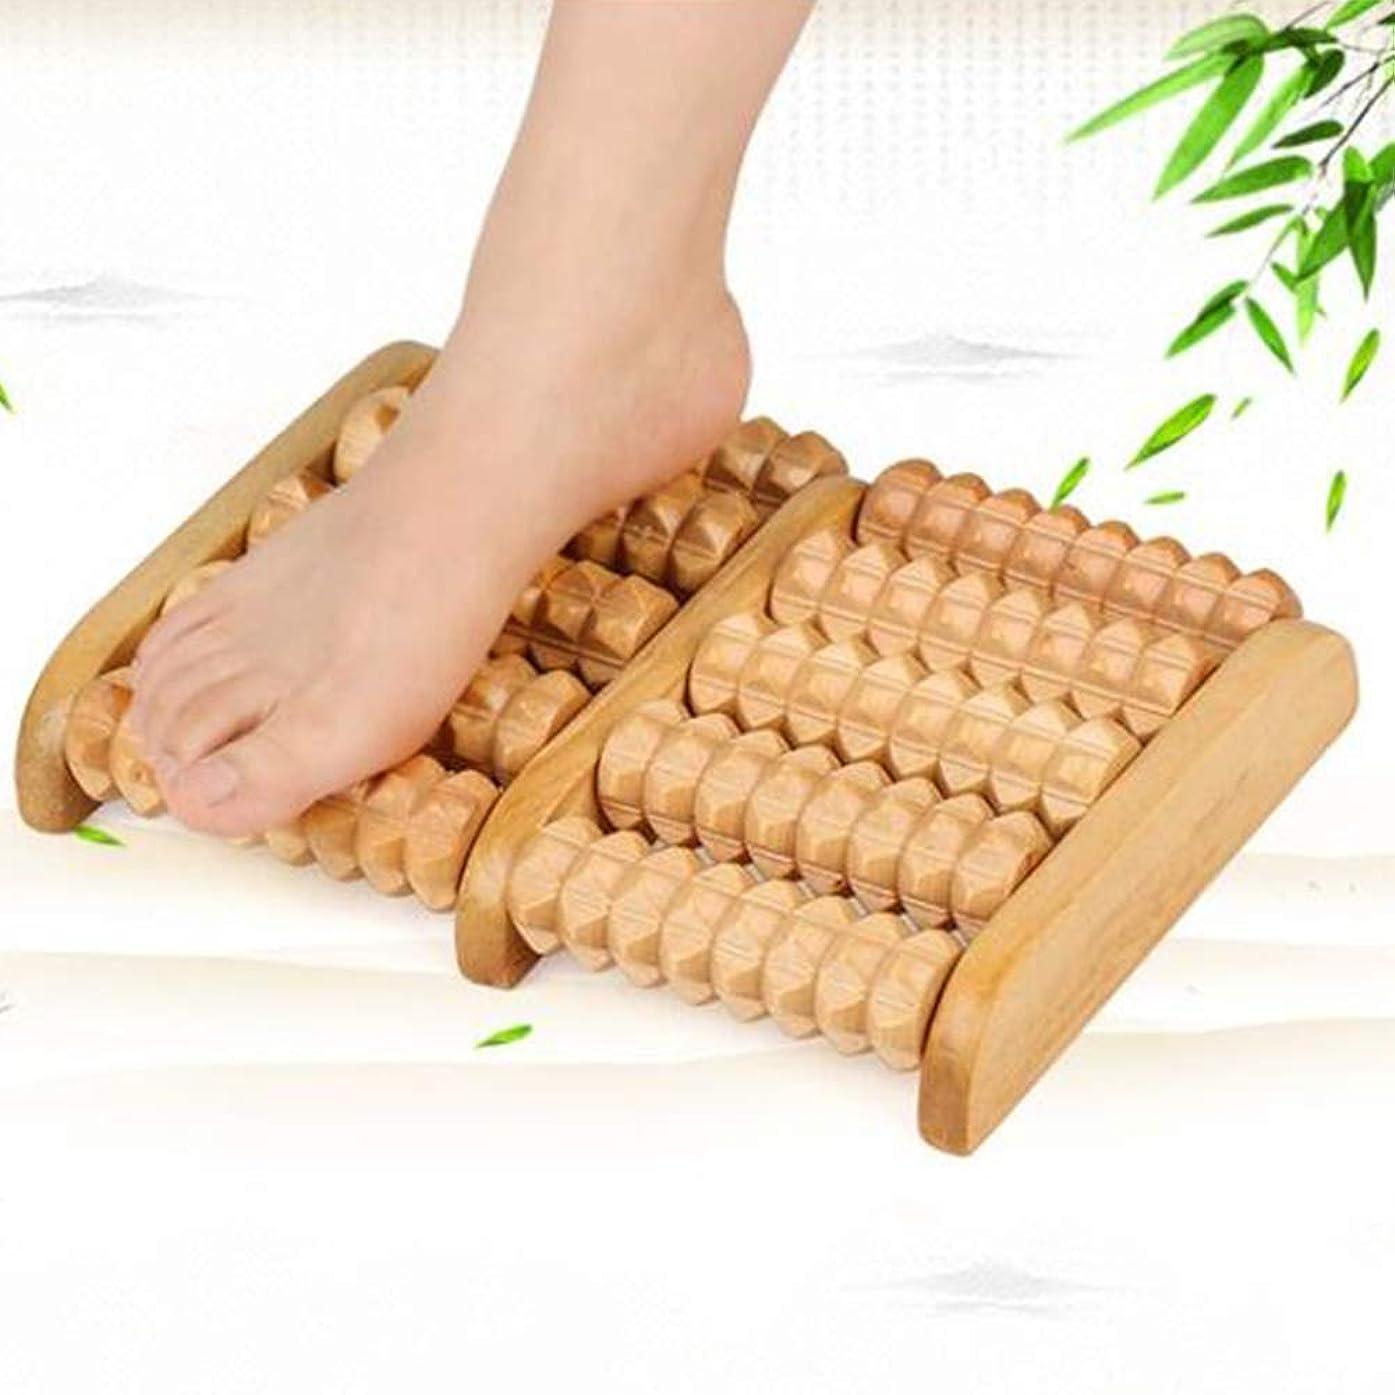 刺激する辞任振るBiped Massage Roller木製コンベックスマッサージ滑り止めフット指圧スティックフィット家庭用フット(30 Cm * 20 Cm),B